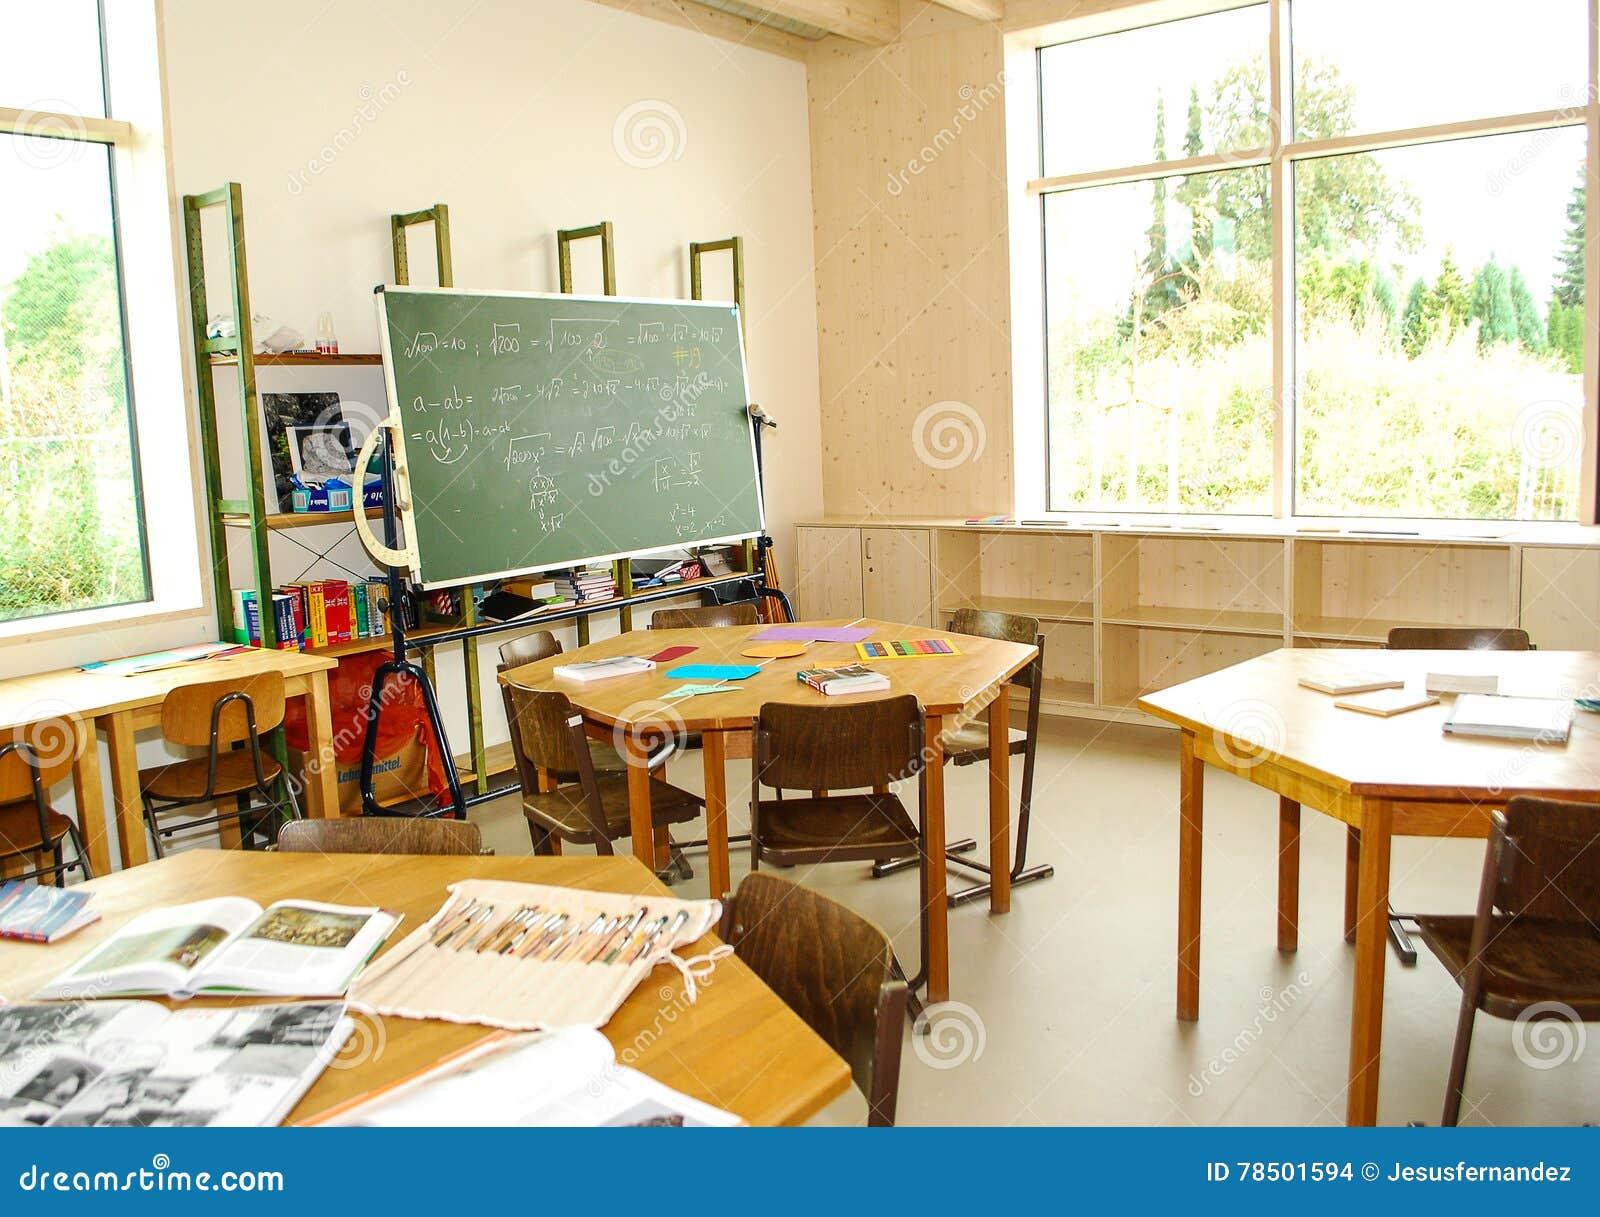 Het het onderwijsmateriaal ligt op bureaus in een klasse